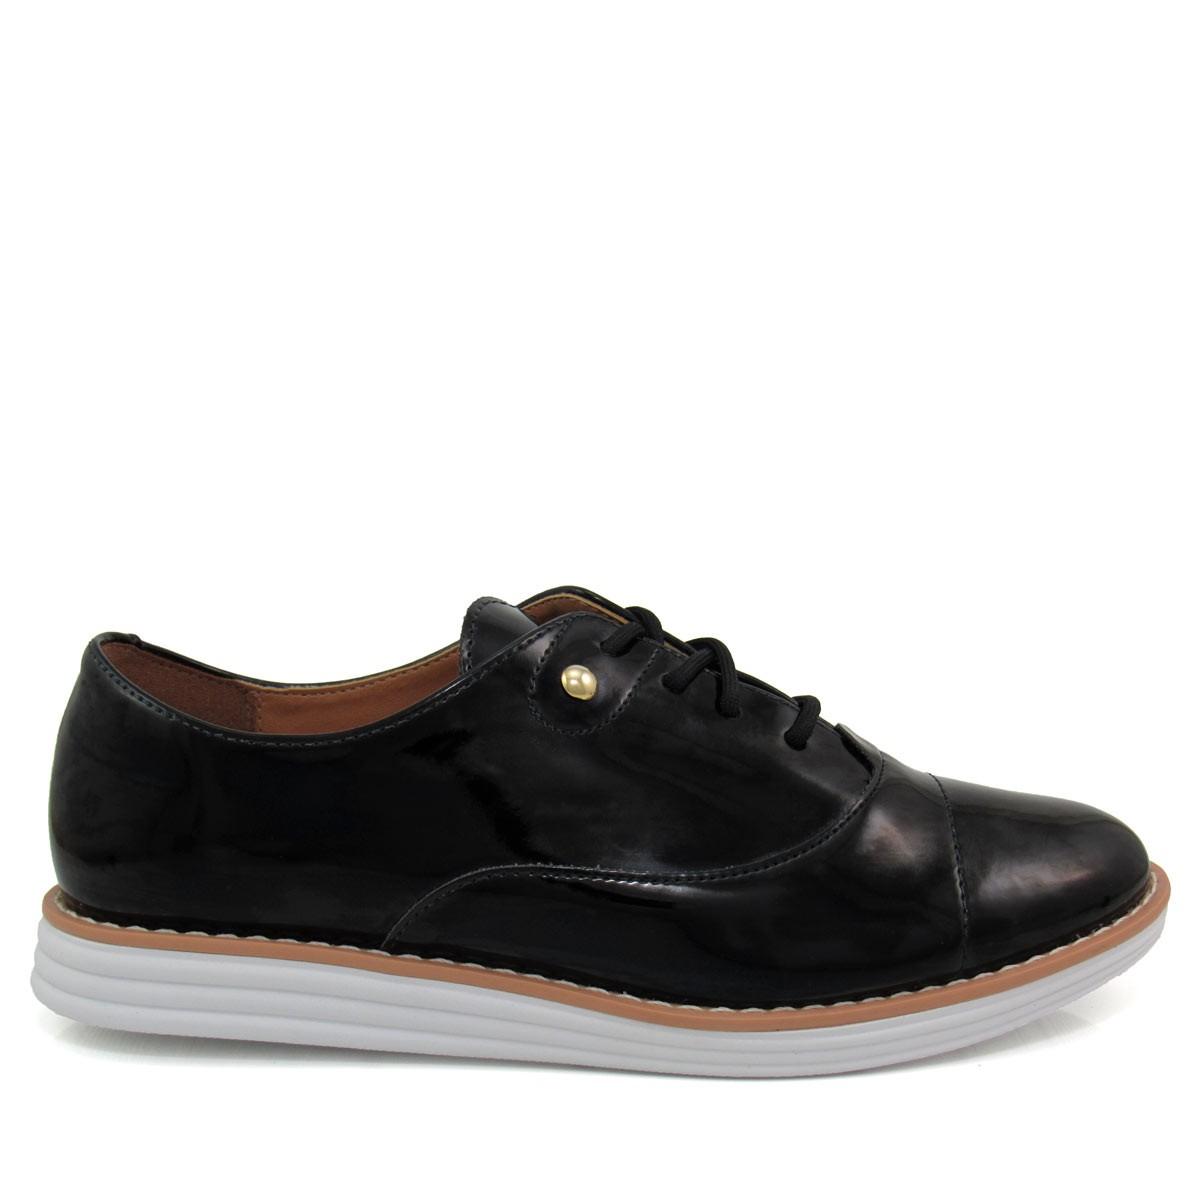 3623700870 Sapato Feminino Oxford Vizzano 1231100 Coleção 2018